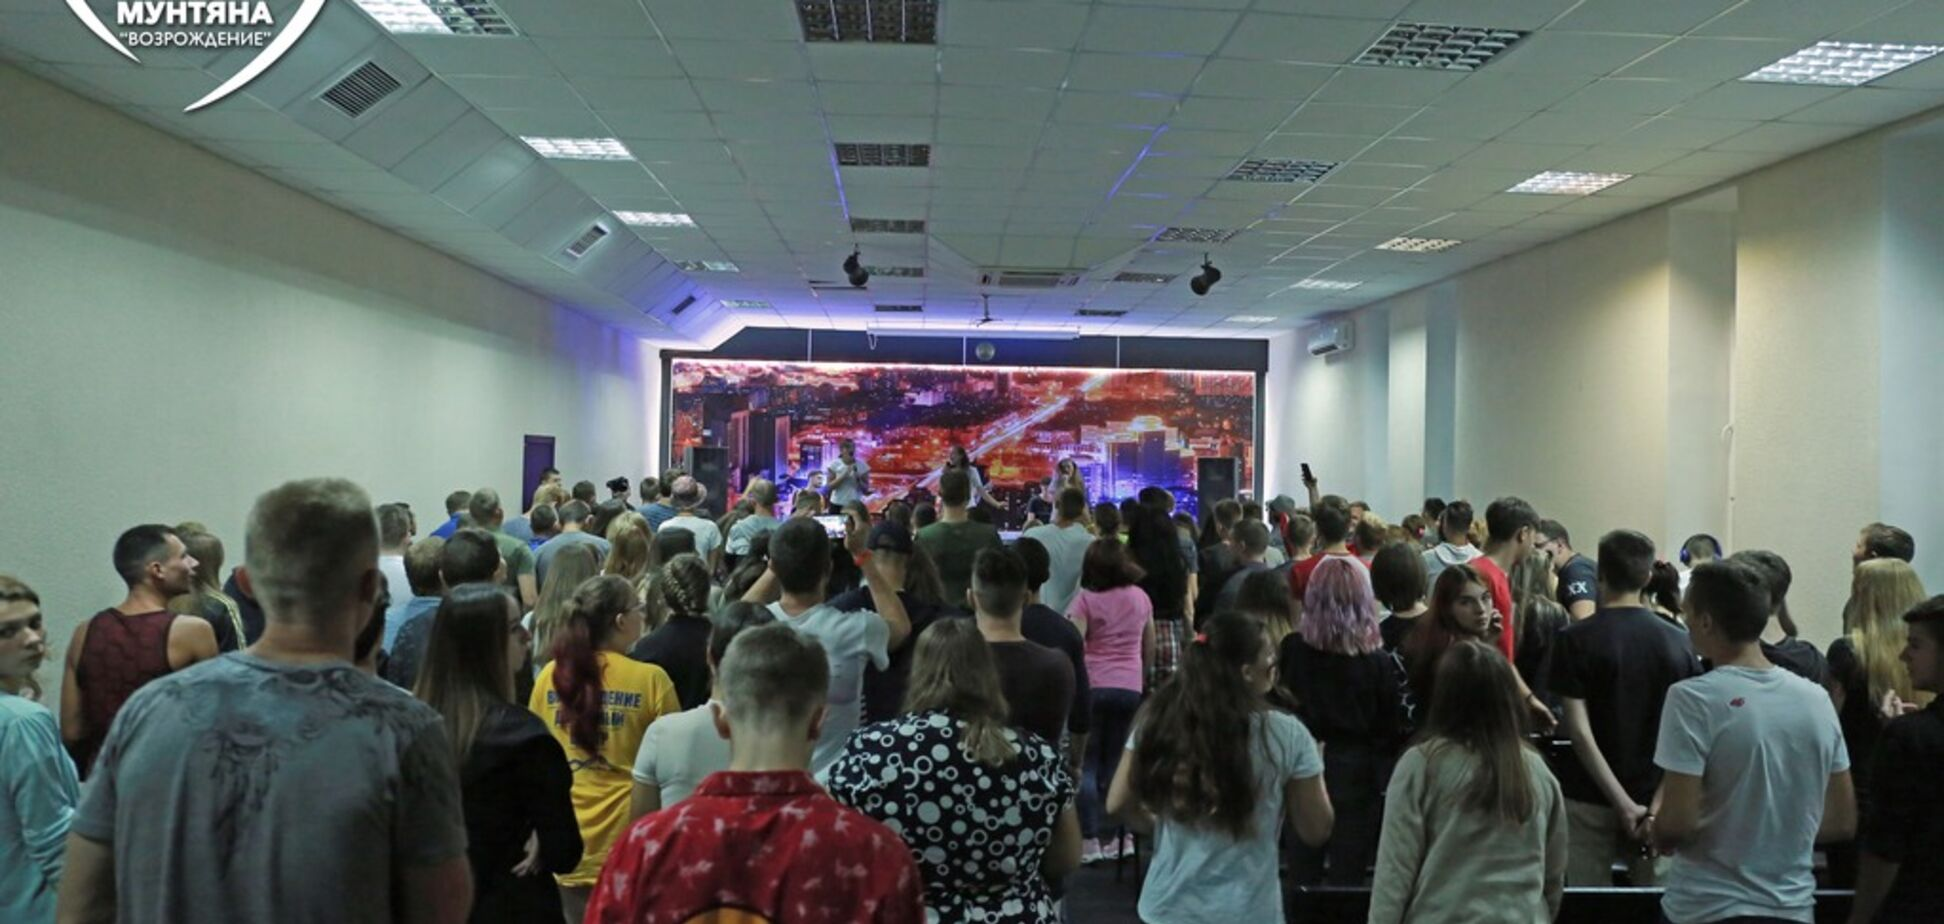 Фонд Мунтяна профінансував молодіжний табір 'VоYoung-2019'